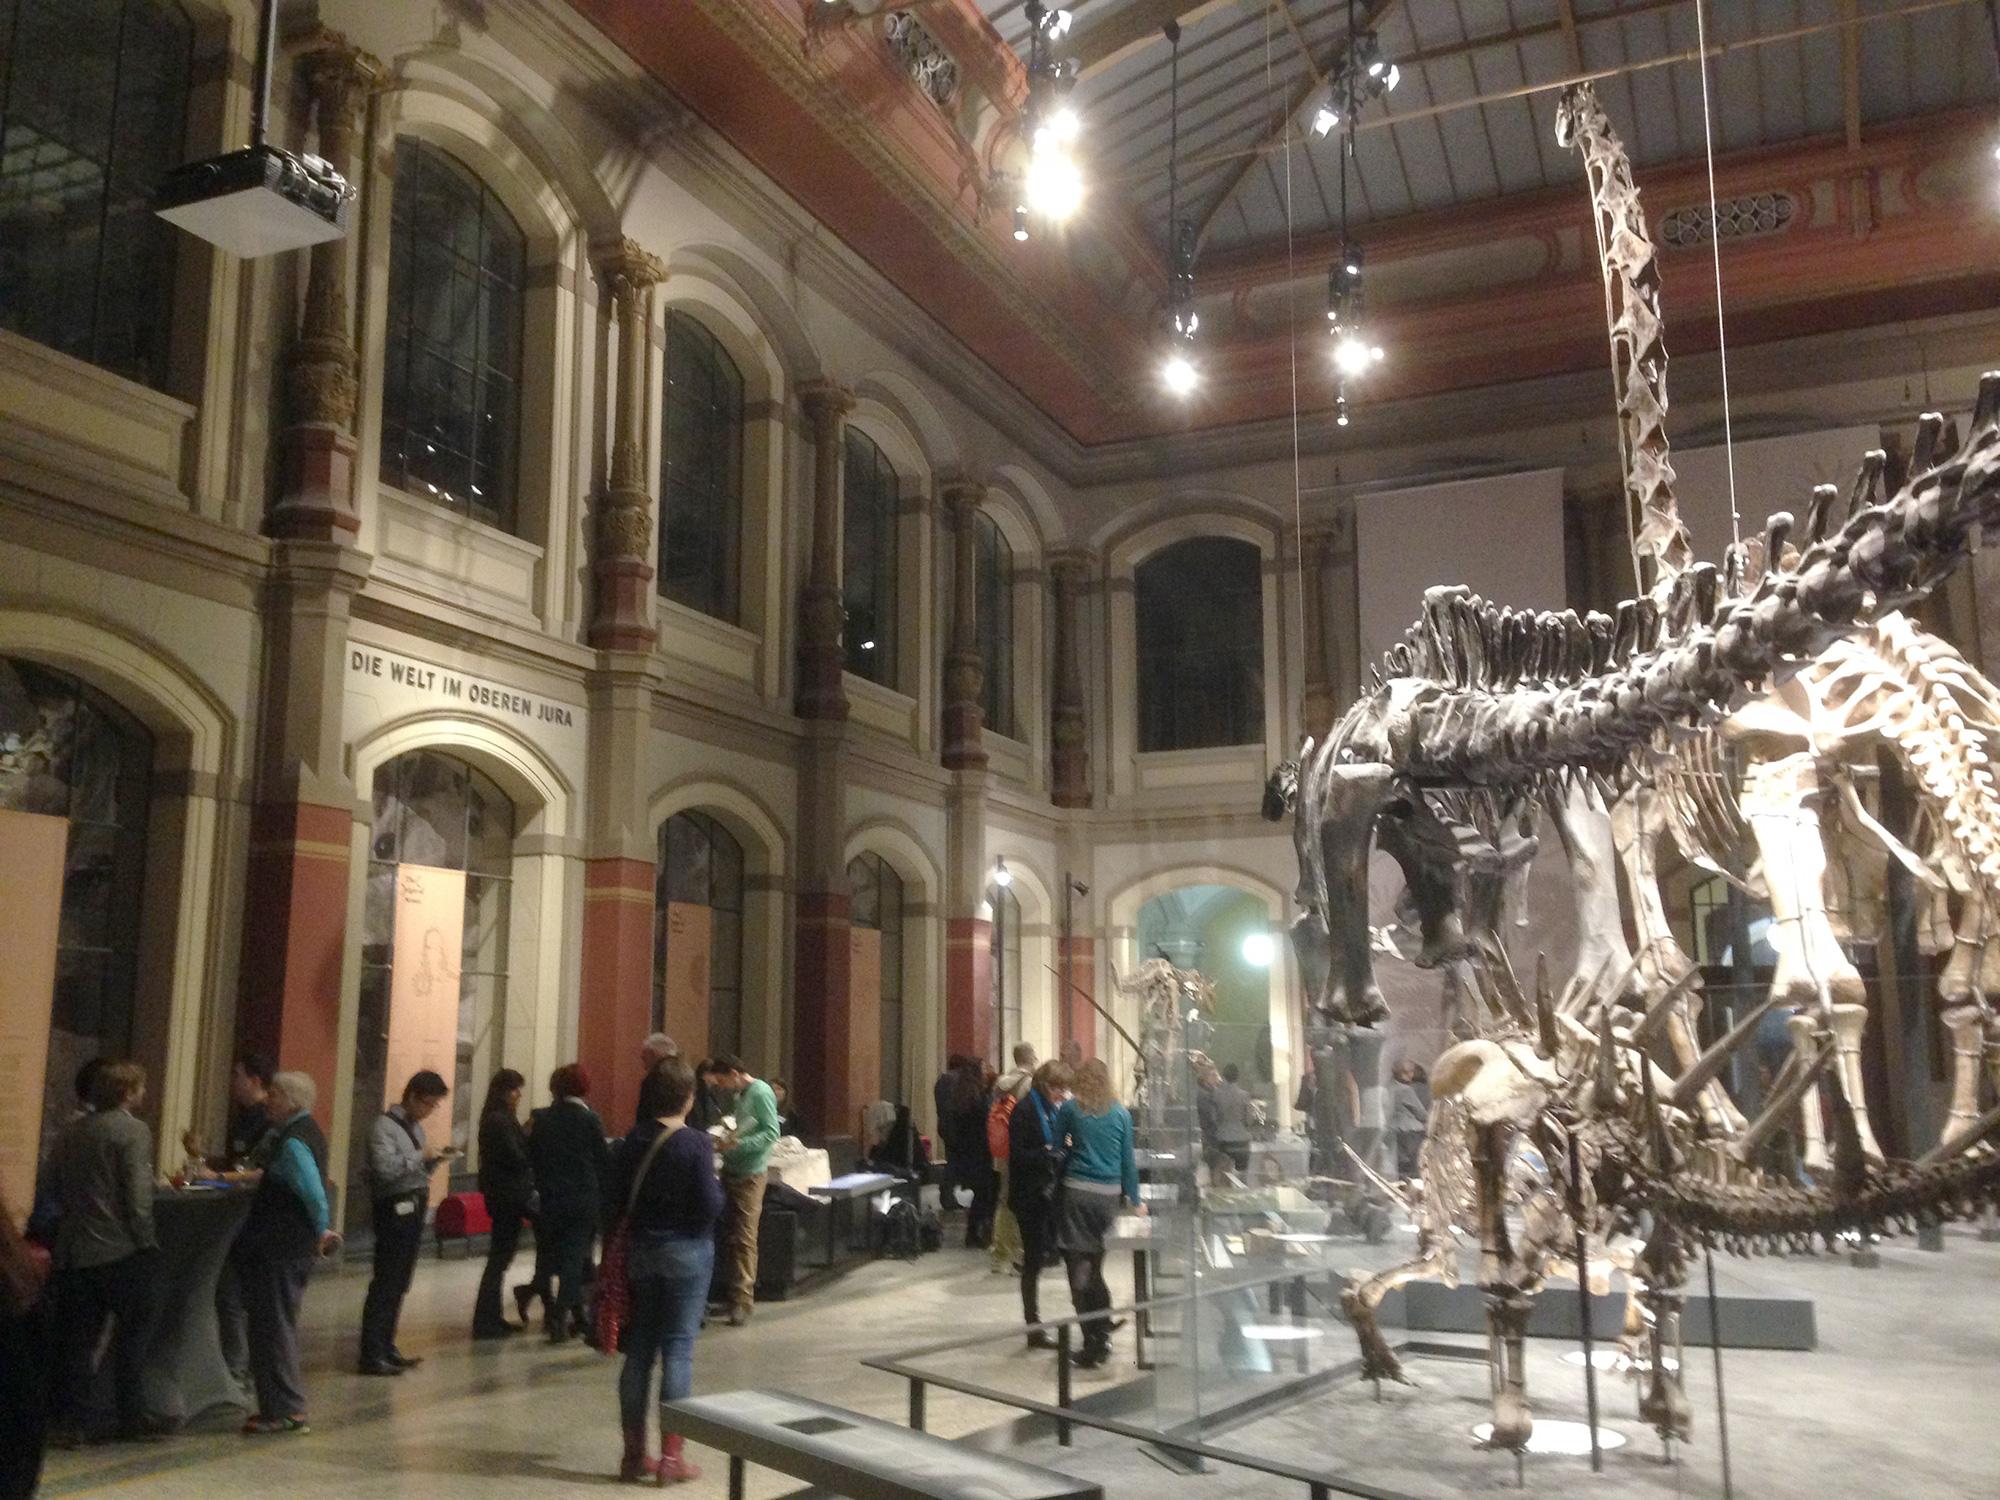 Der Dinosauriersaal im Museum für Naturkunde, Berlin ©K. Schwahlen 2016